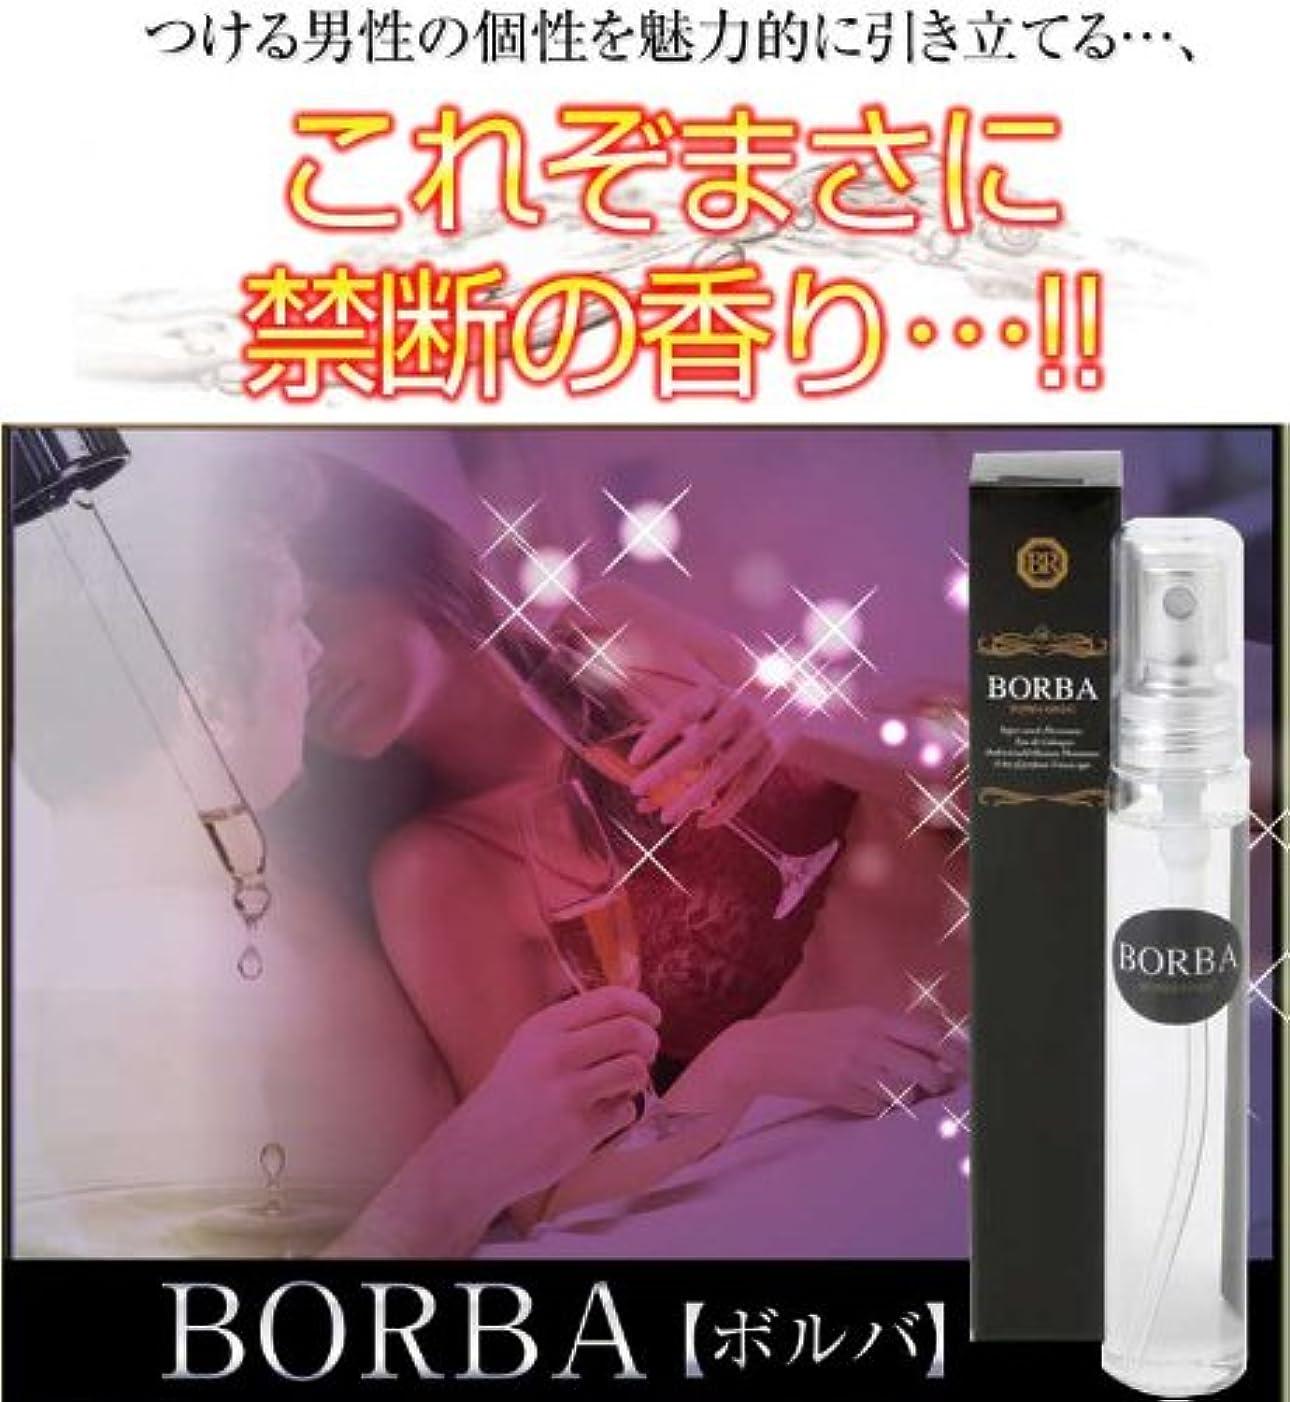 理想的居間言及するBORBA ボルバ(男性用フェロモン香水)